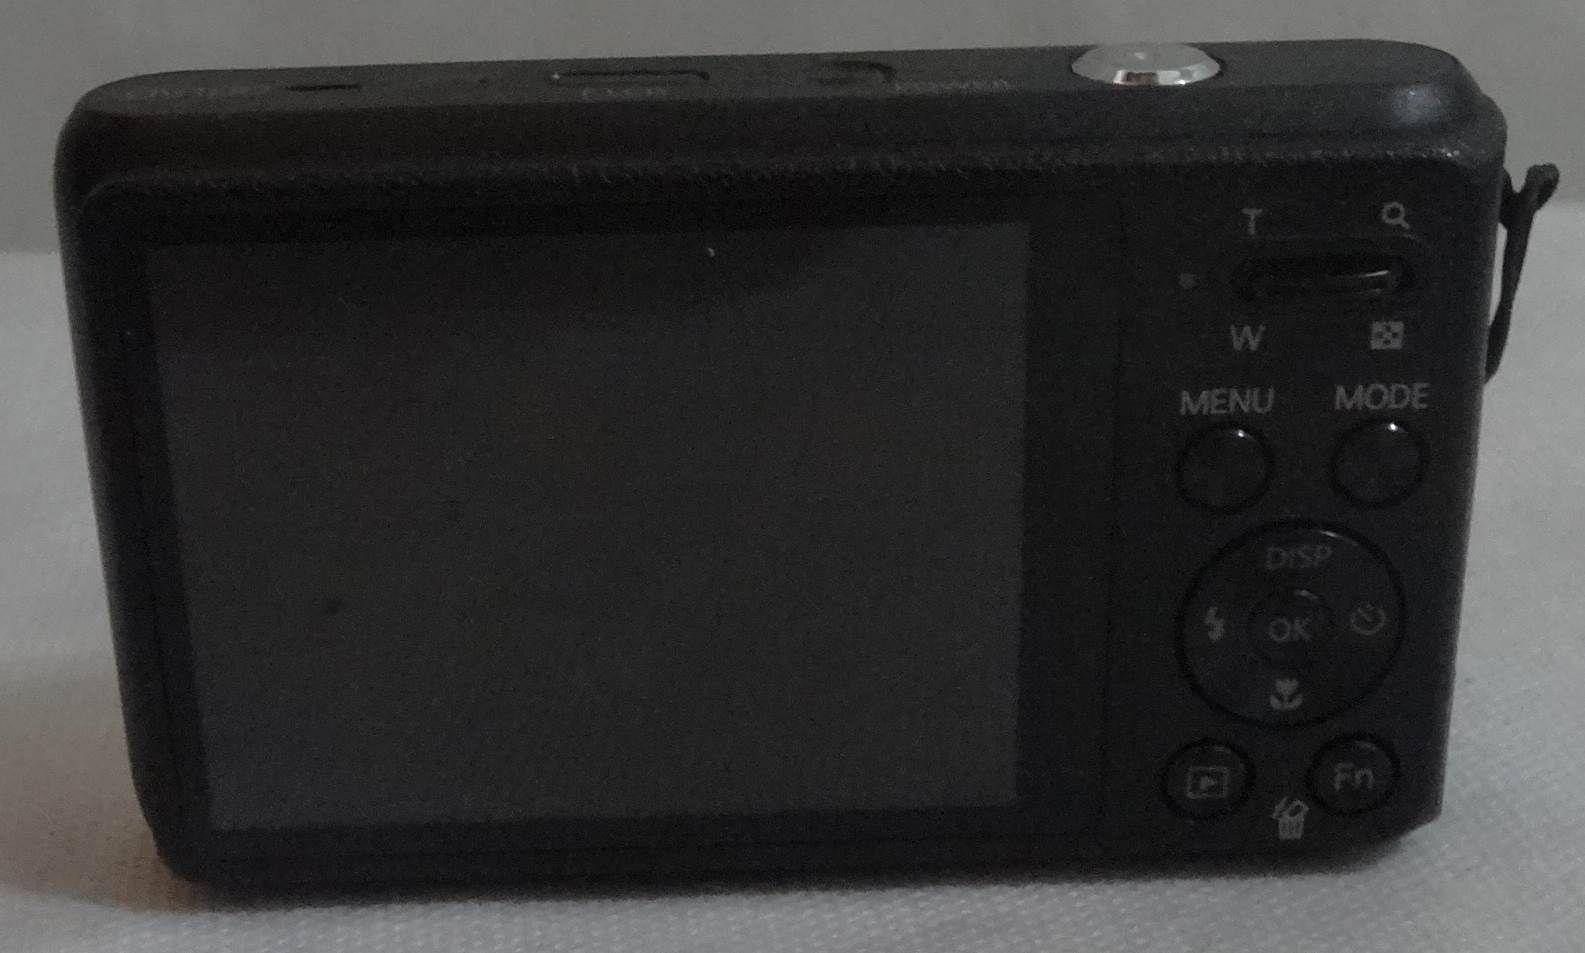 """Câmera Digital Samsung DV100 16.1MP Zoom 5x Tela LCD 2.7"""" + Micro SD 8GB (Não Enviamos)"""